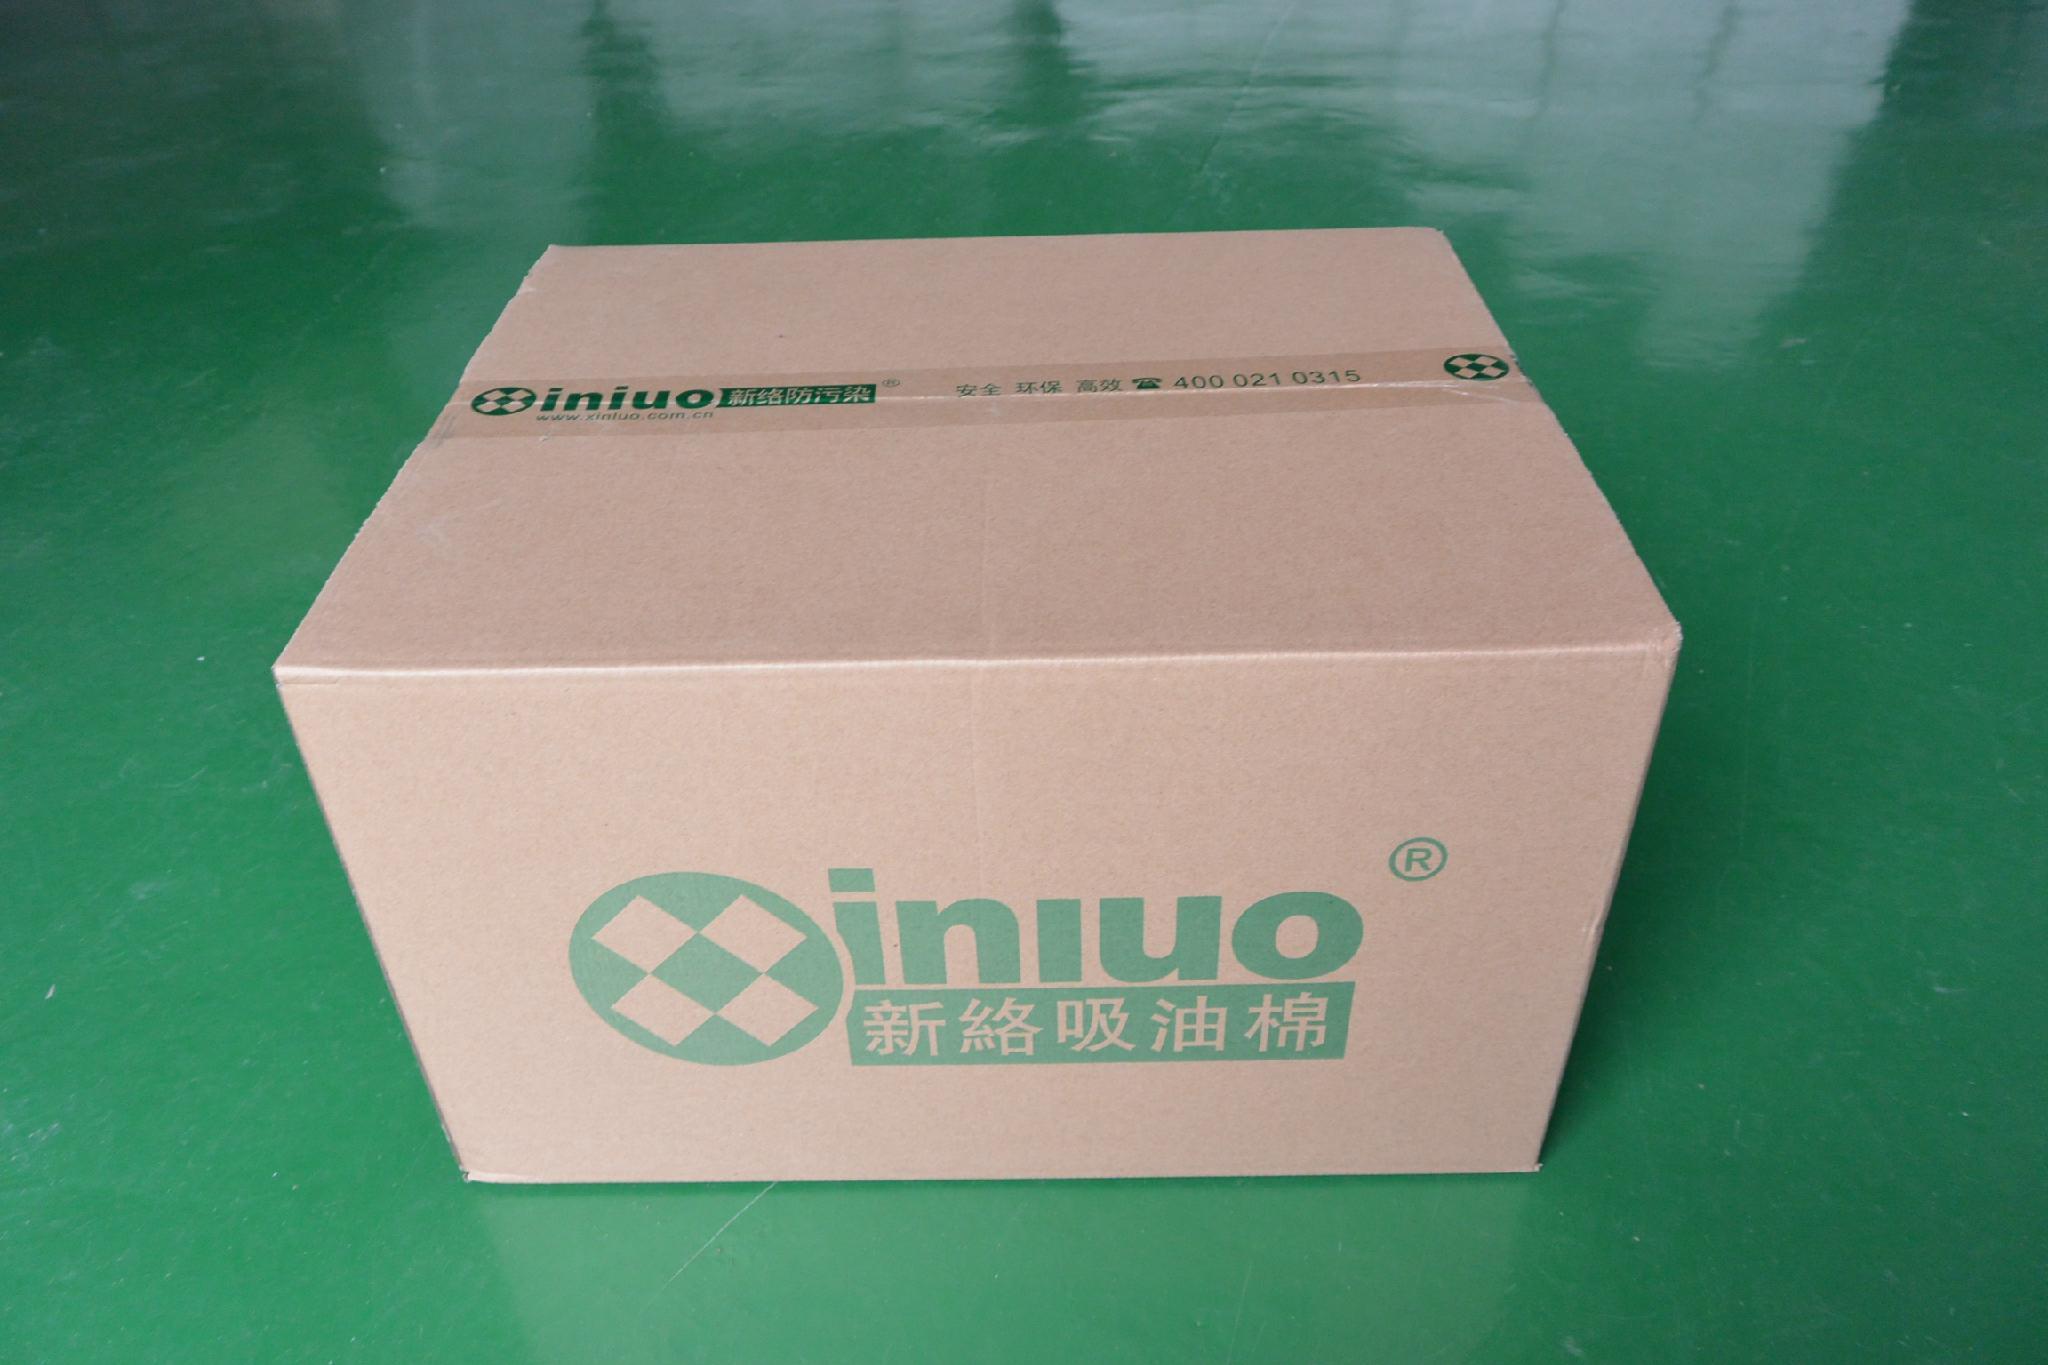 新絡PS1401XX重量級雙撕線節省吸油墊撕開多規格吸油墊多形狀吸油墊 15